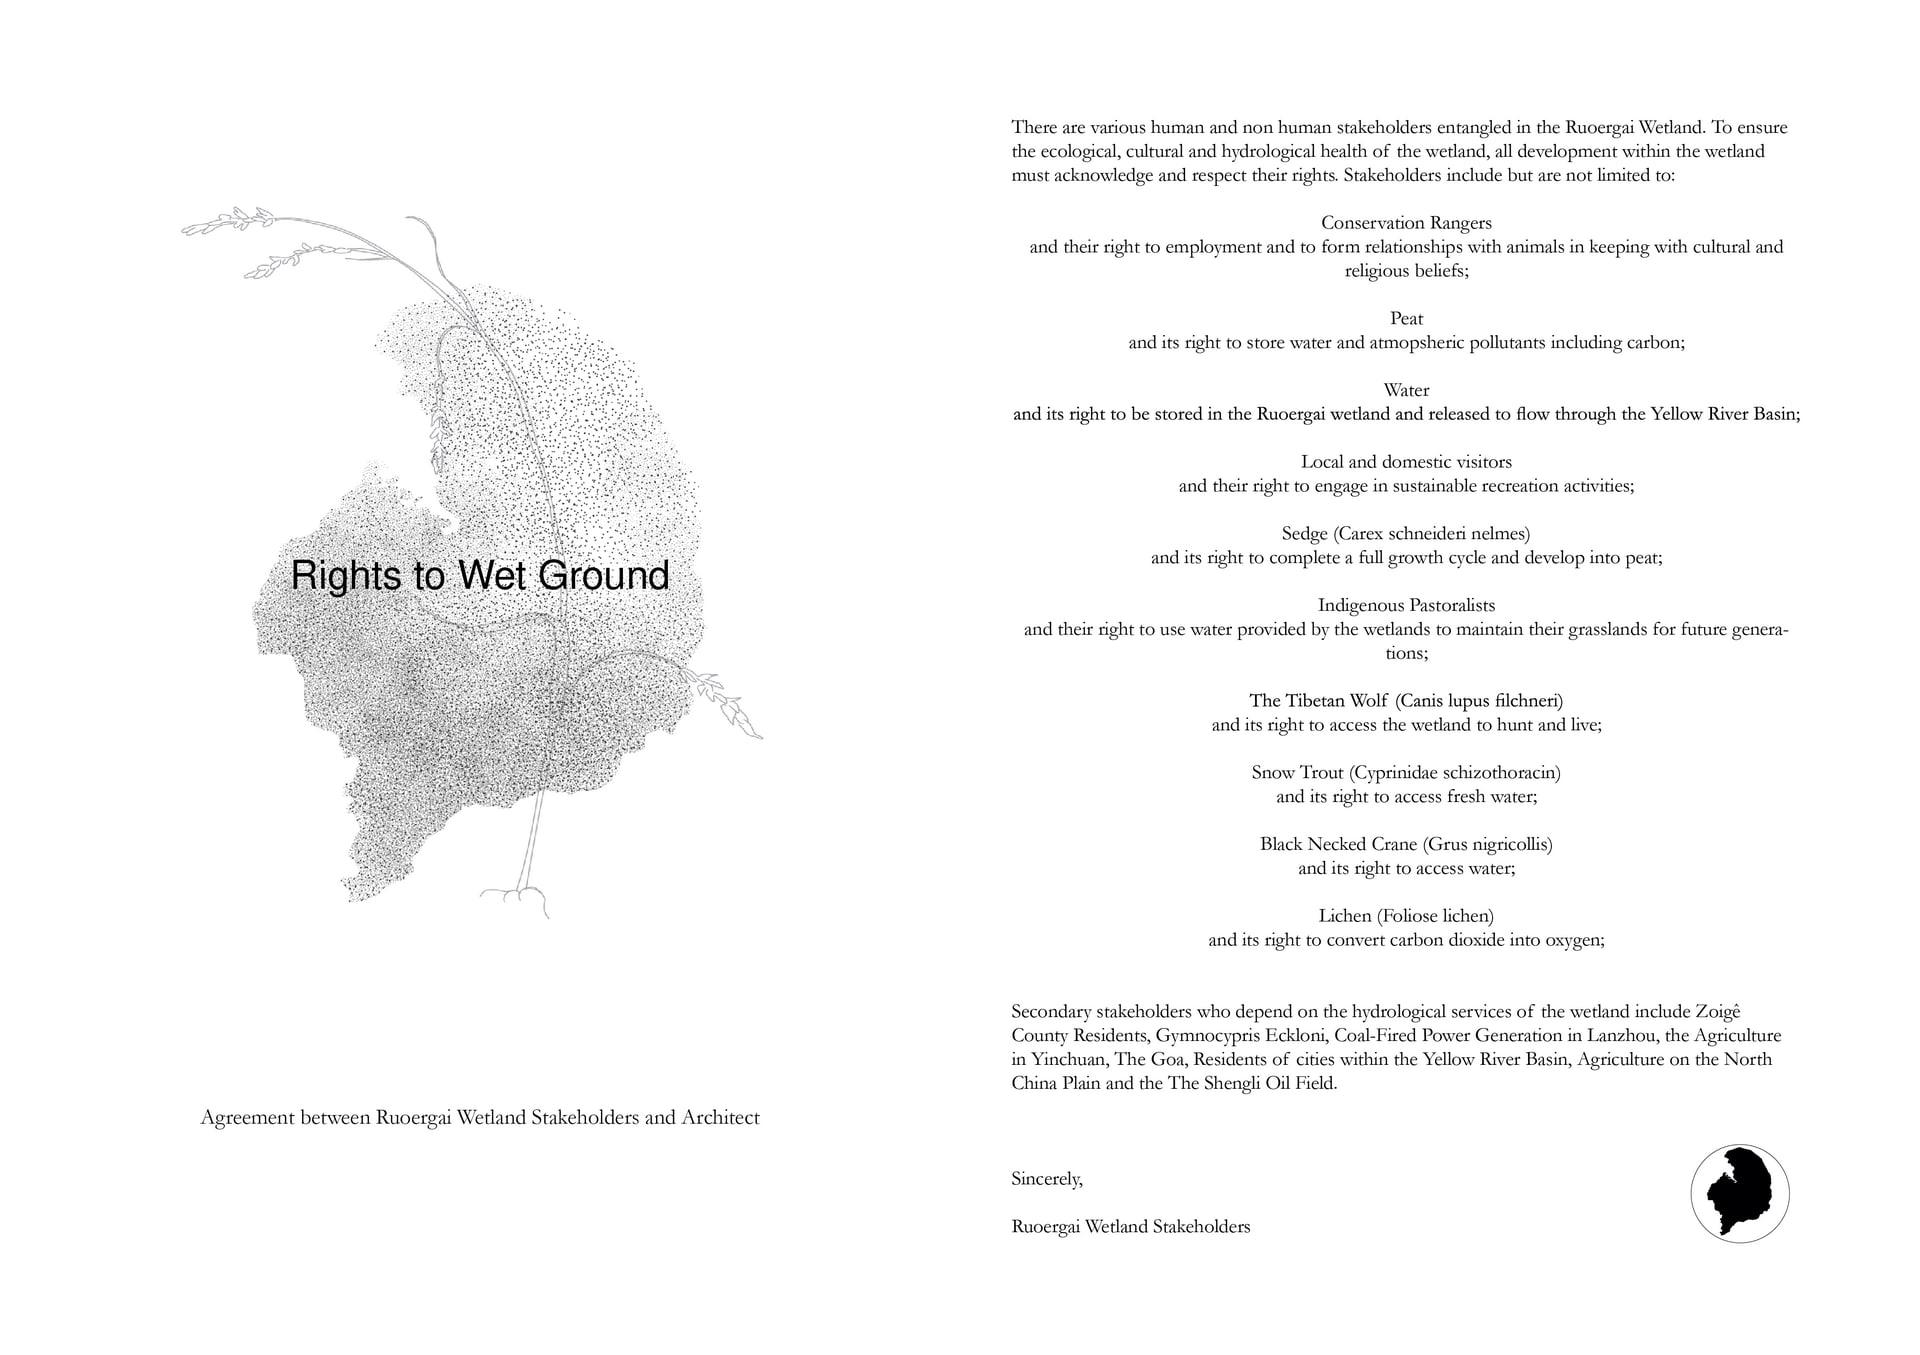 Rights to Wet Ground Declaration